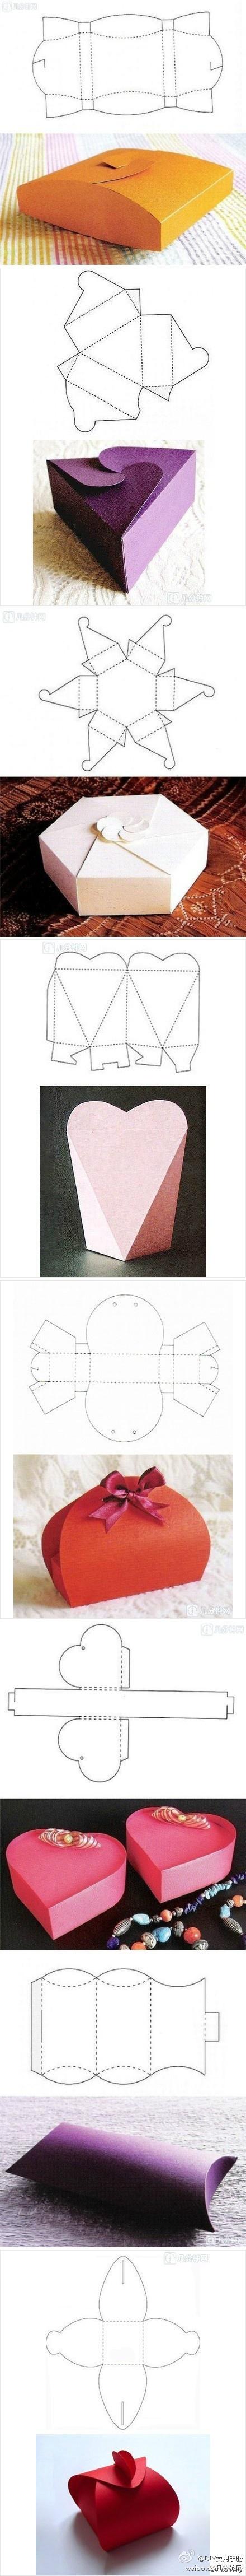 box and diy image